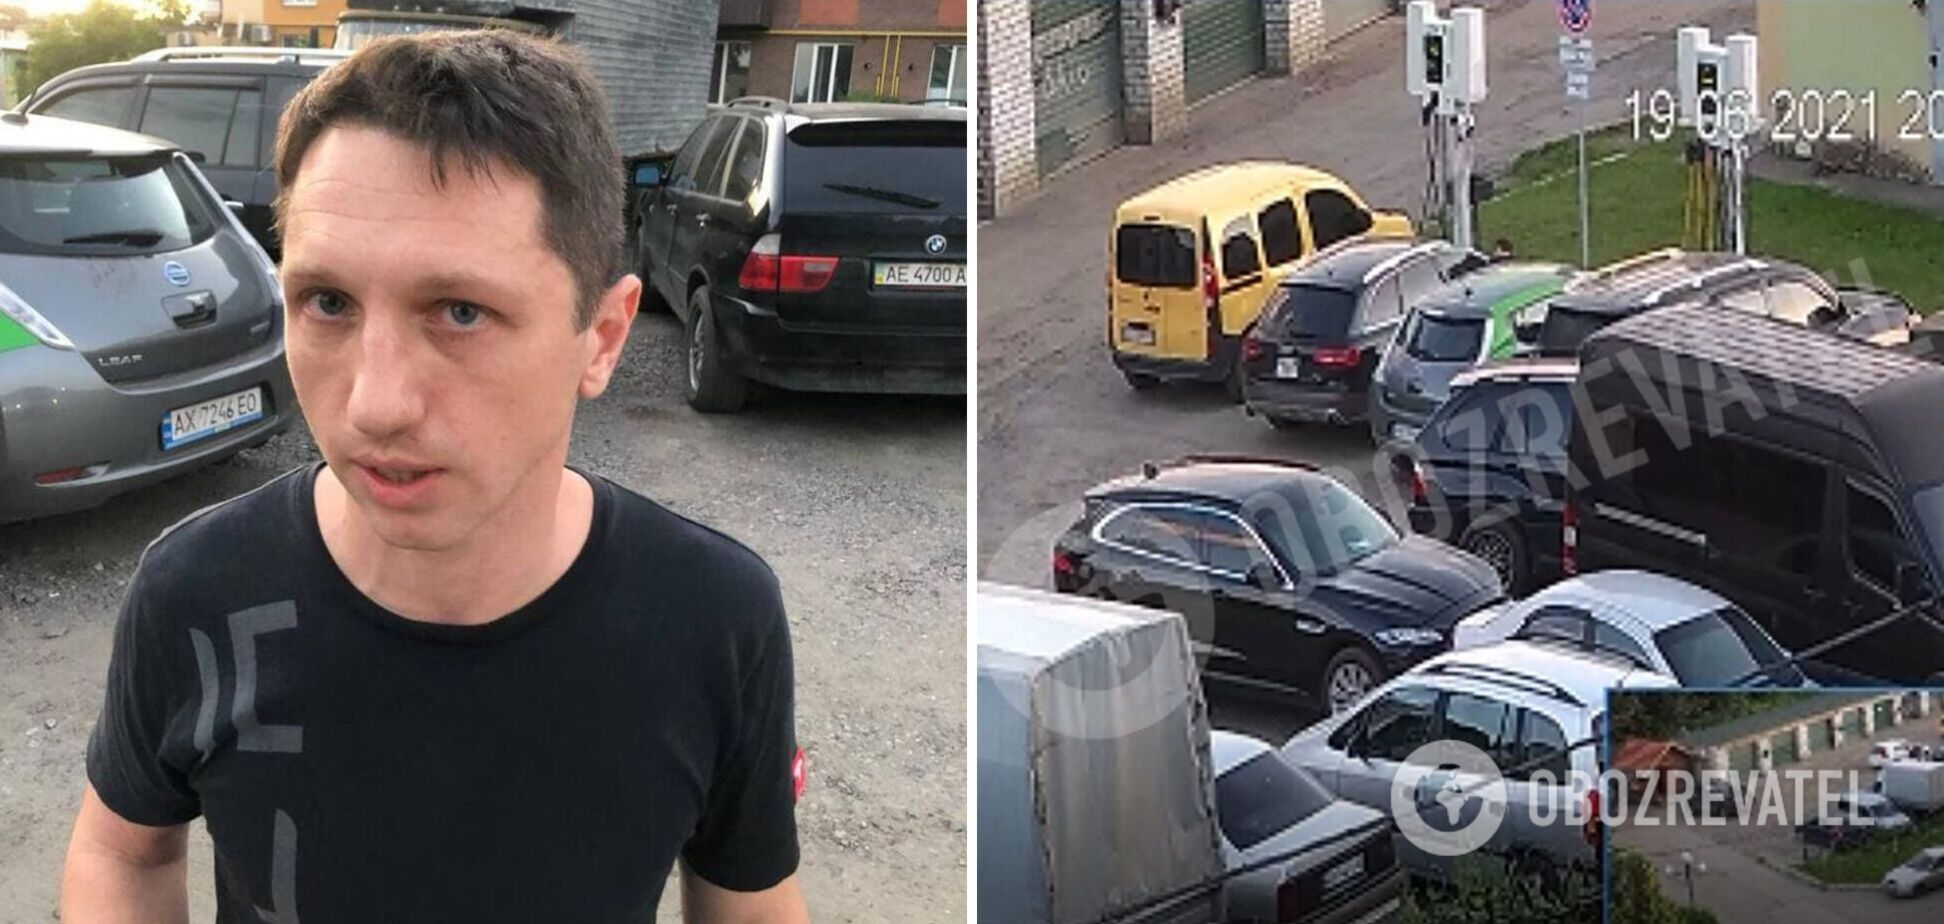 Дмитрий Никонов выстрелил в мужчину на парковке